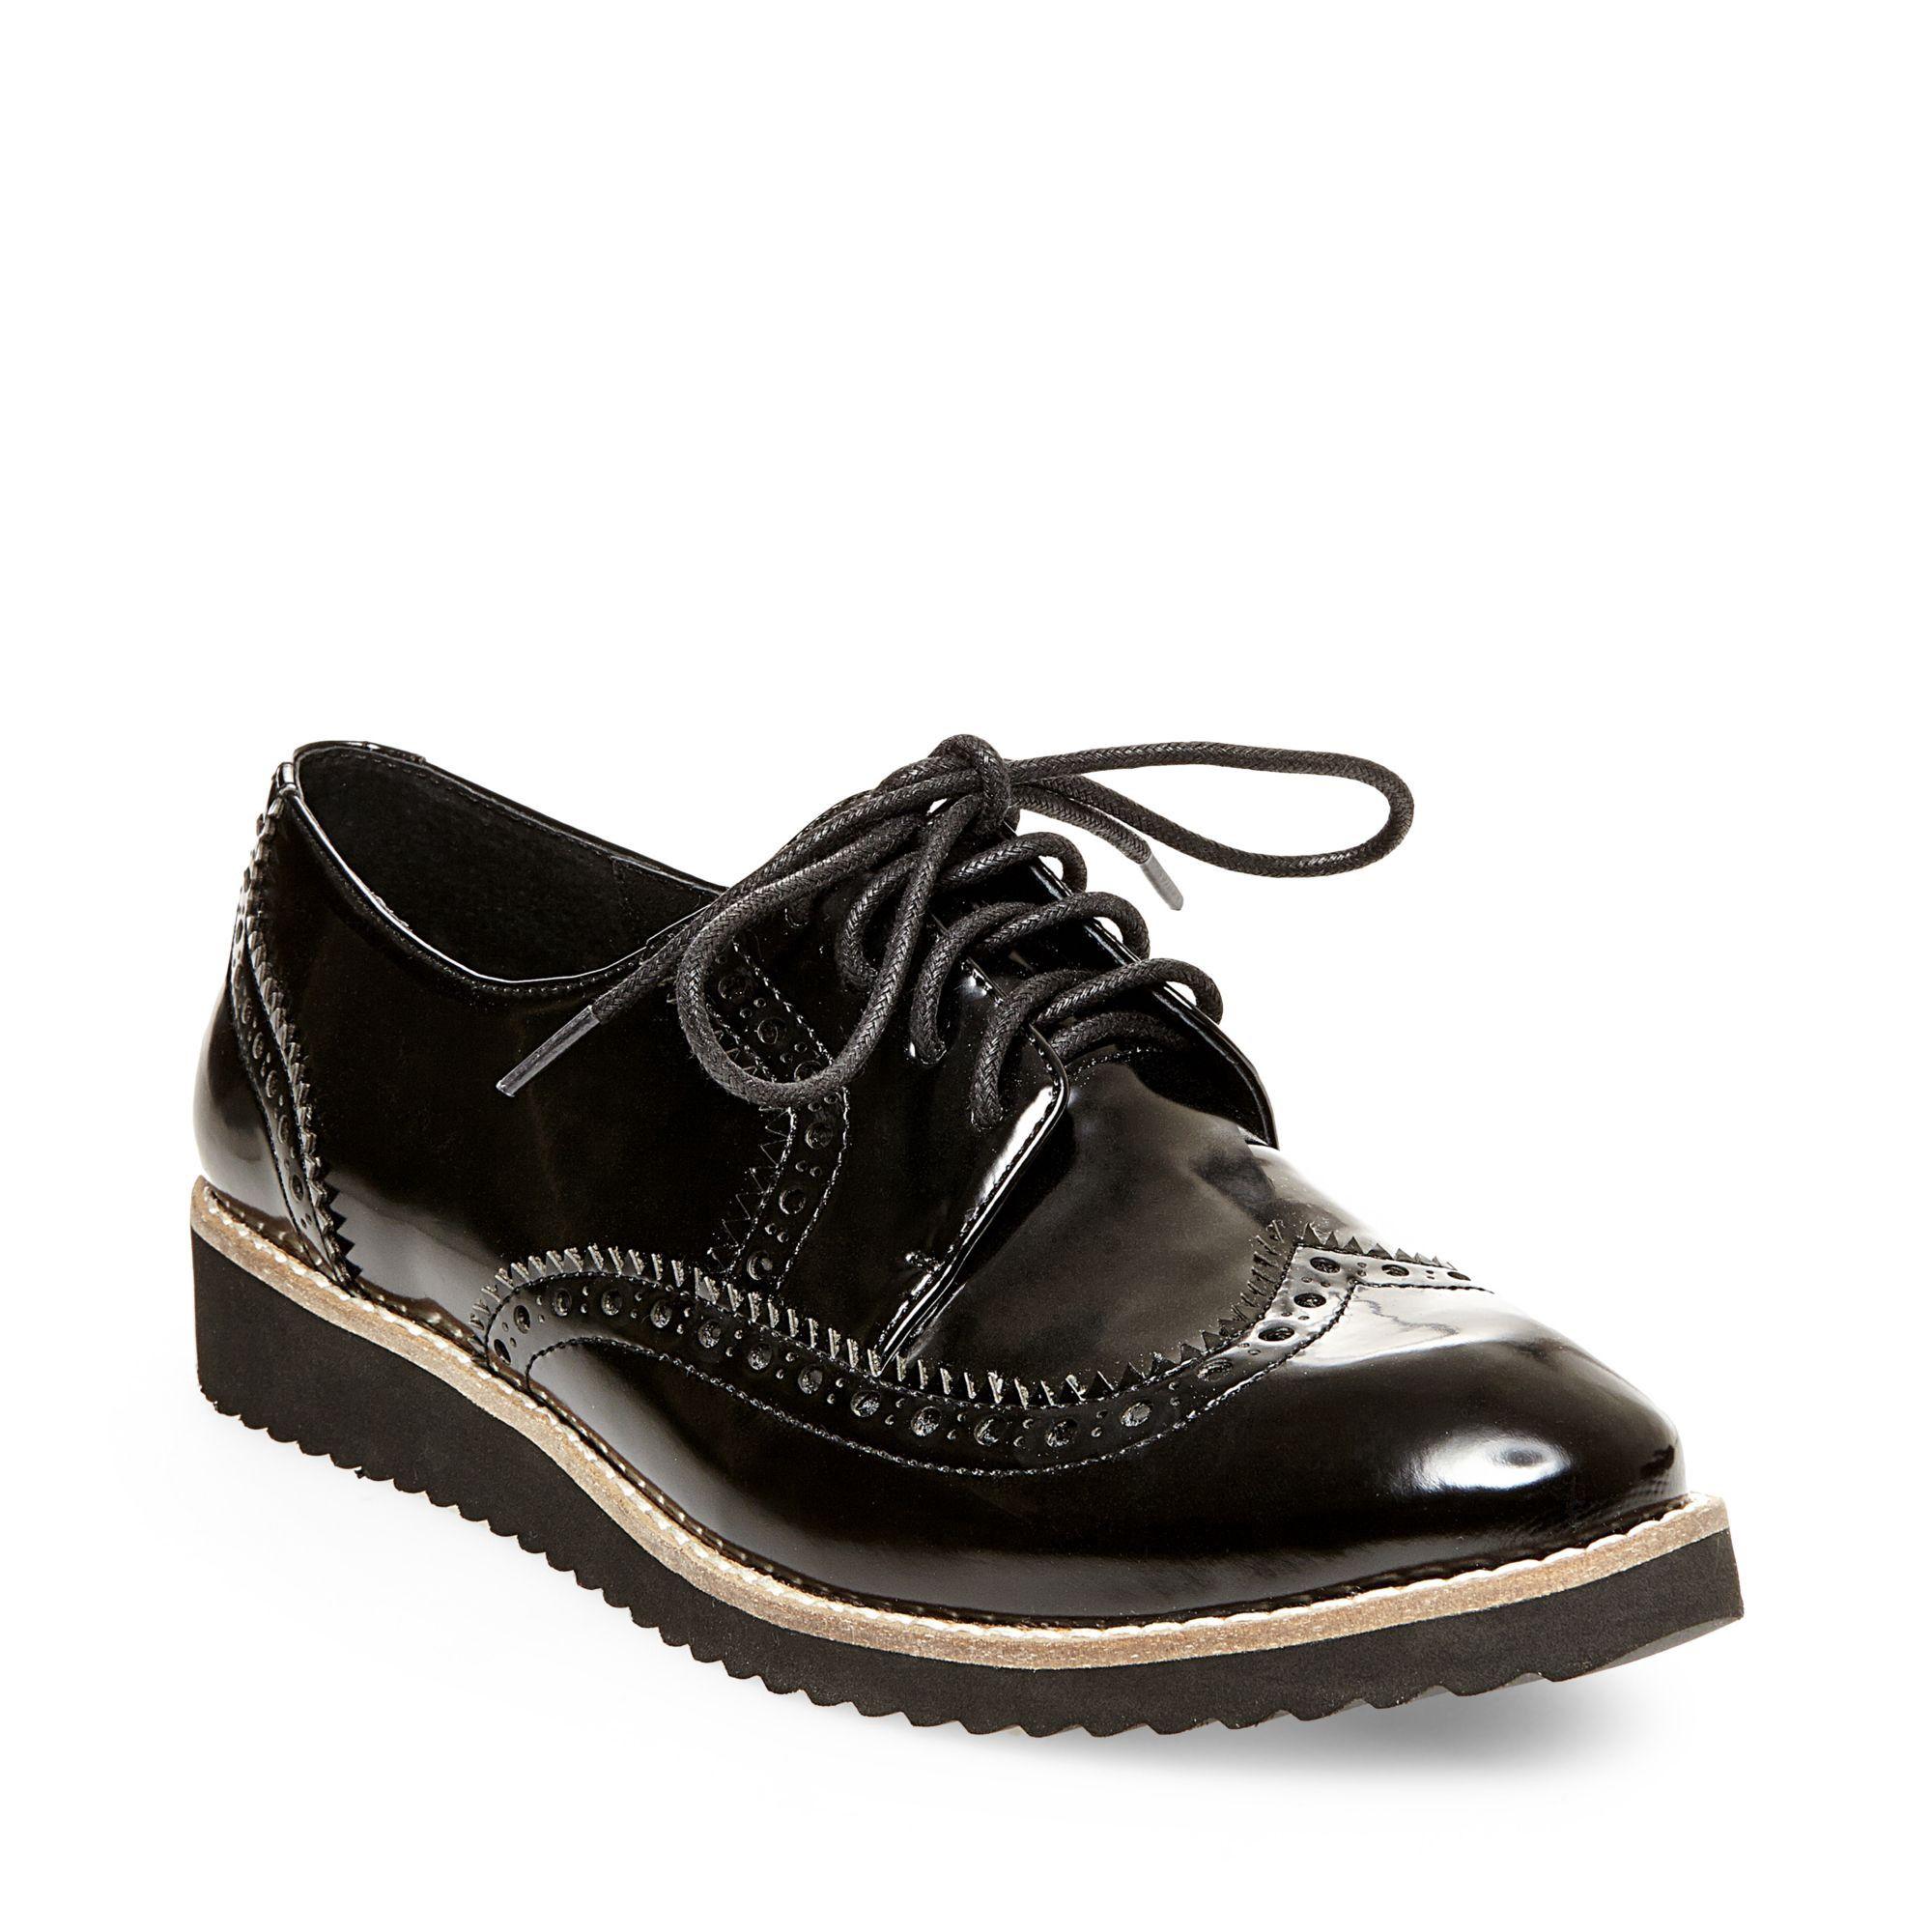 aacffc1dfd6 STEVE MADDEN STEFFAN.  stevemadden  shoes